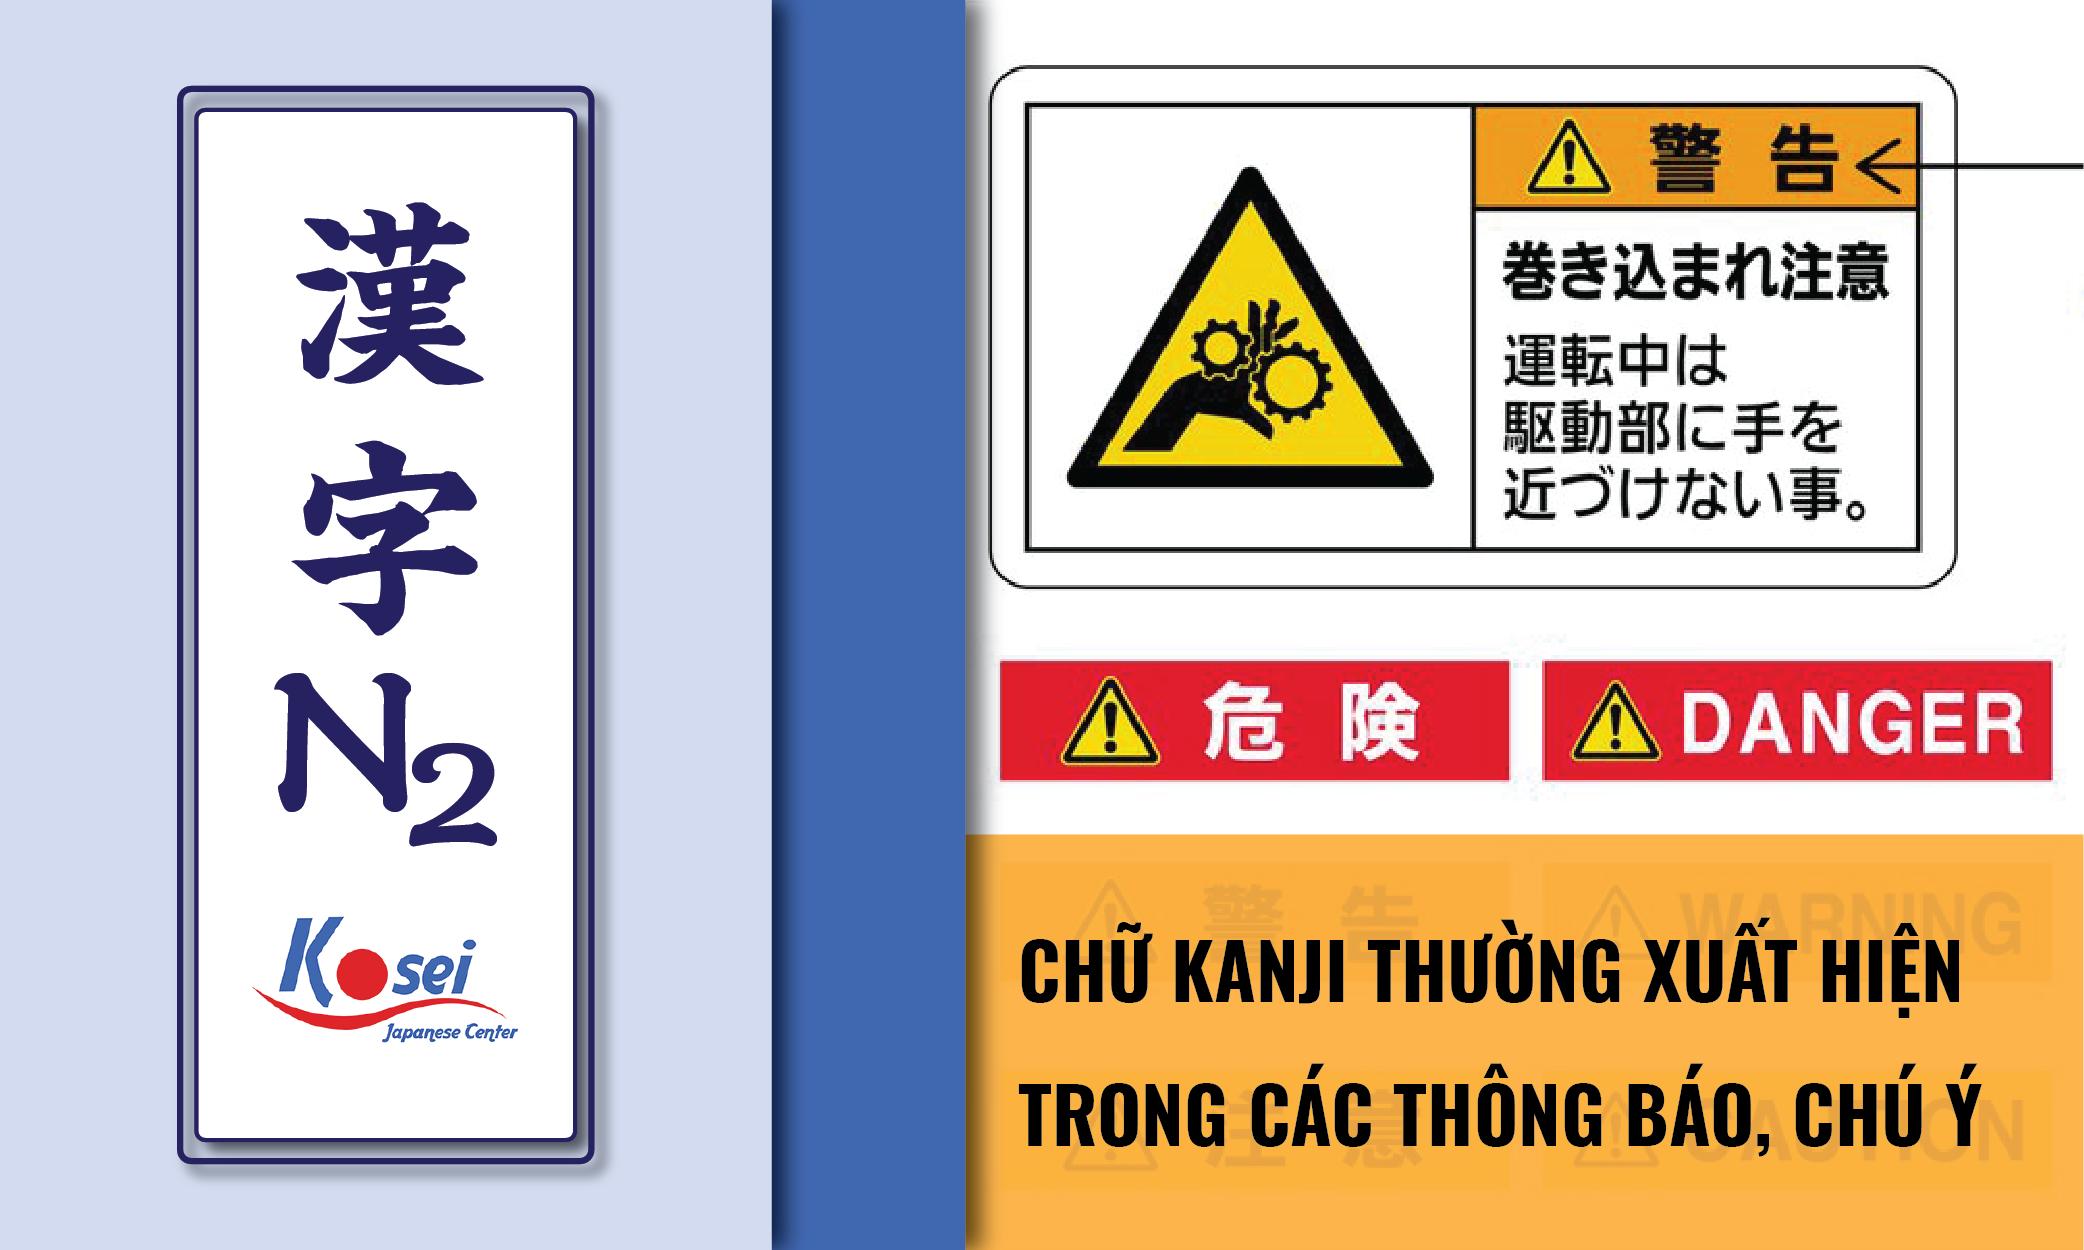 (Tổng hợp) Kanji N2: Các Kanji thường xuất hiện trong các thông báo, chú ý